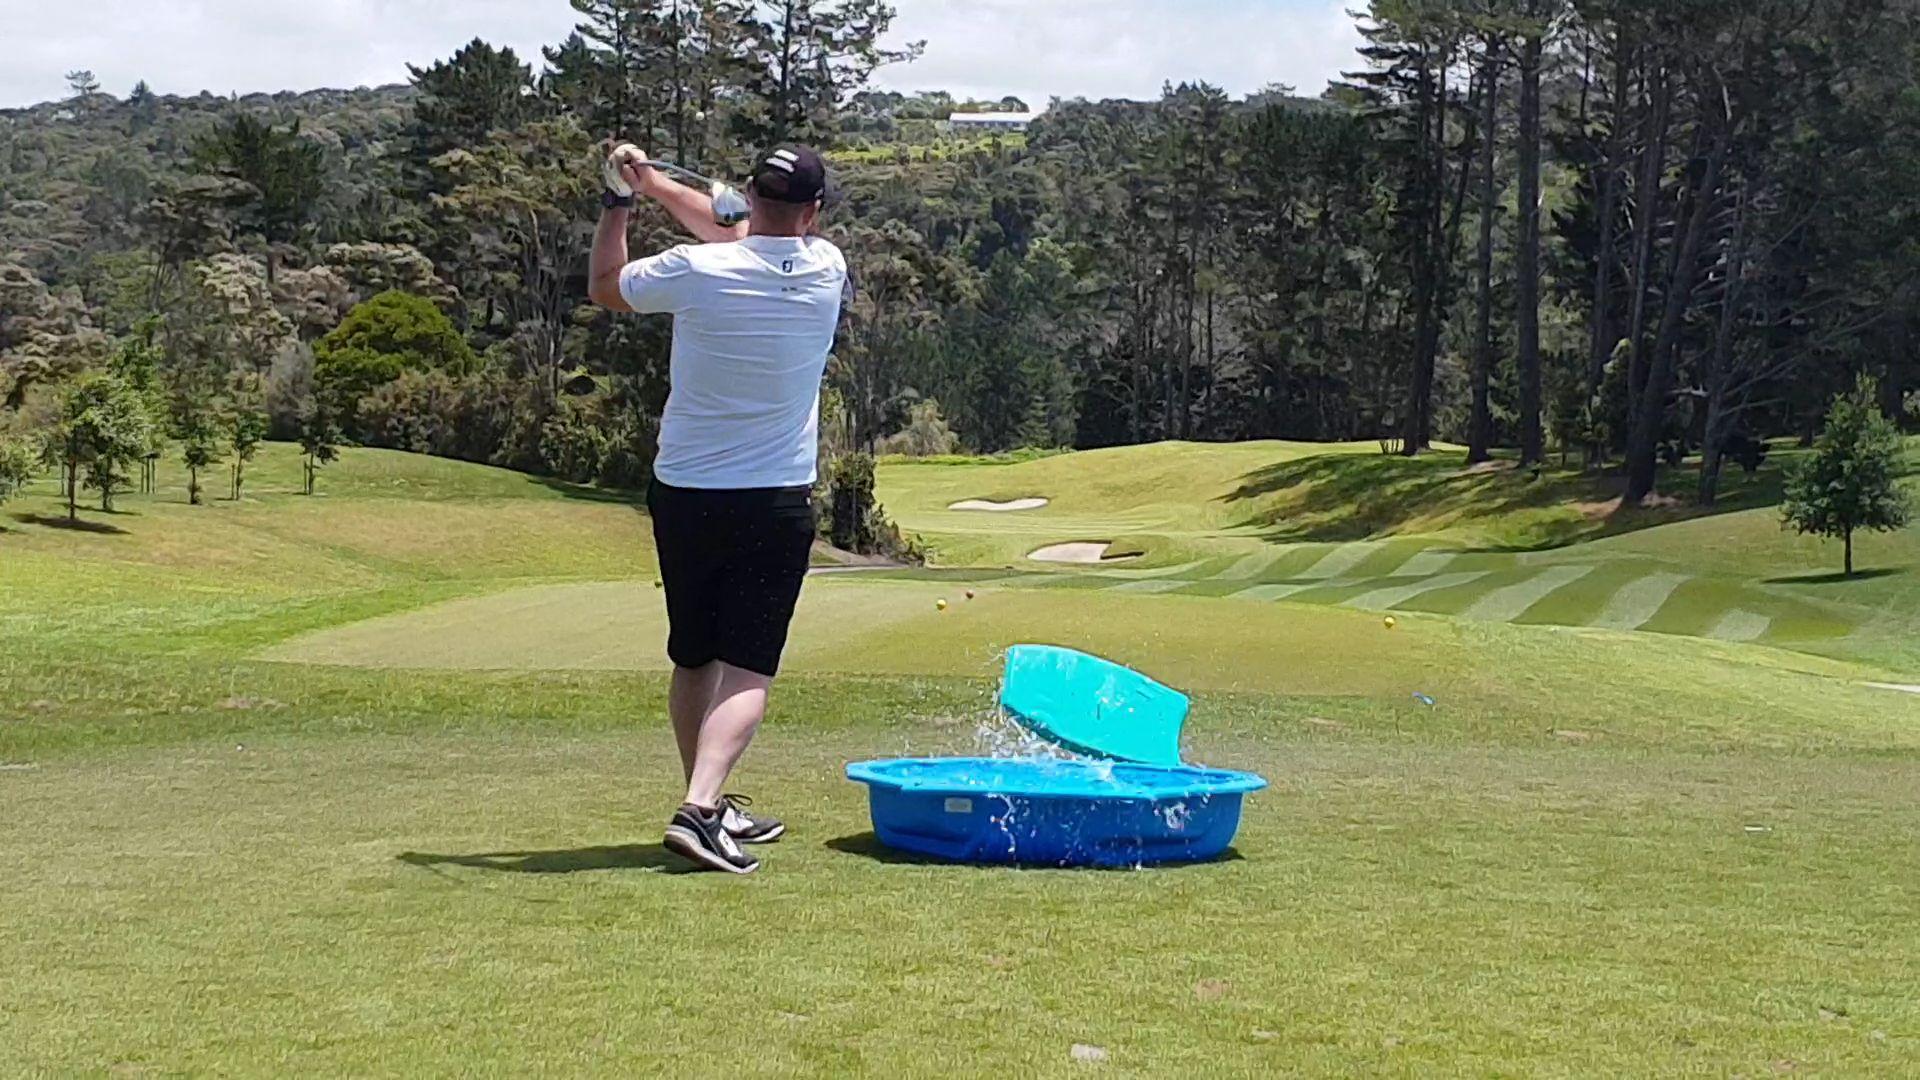 Paddling Pool Hole at Quadrent's Golf Day